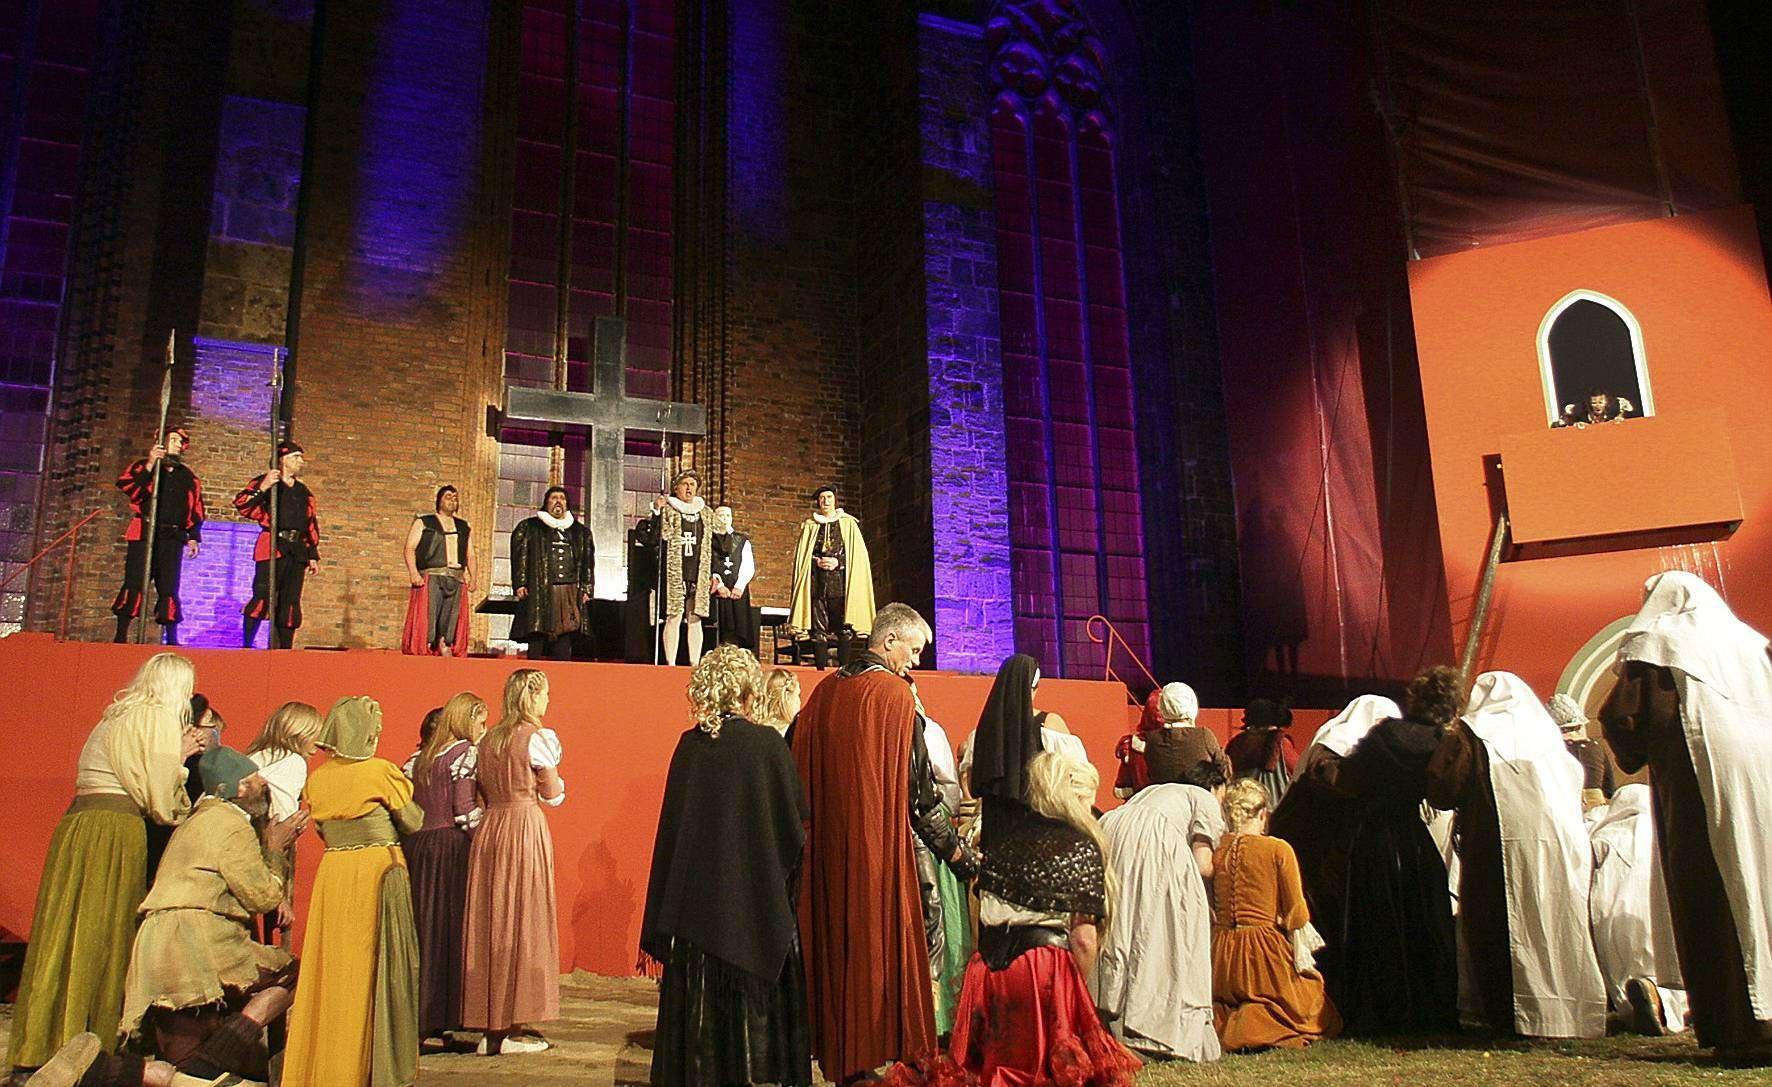 Vom 14. bis 29. Juli ist wieder Zeit für die Domfestspiele in Verden. Der Vorverkauf des Großevents hat bereits begonnen.